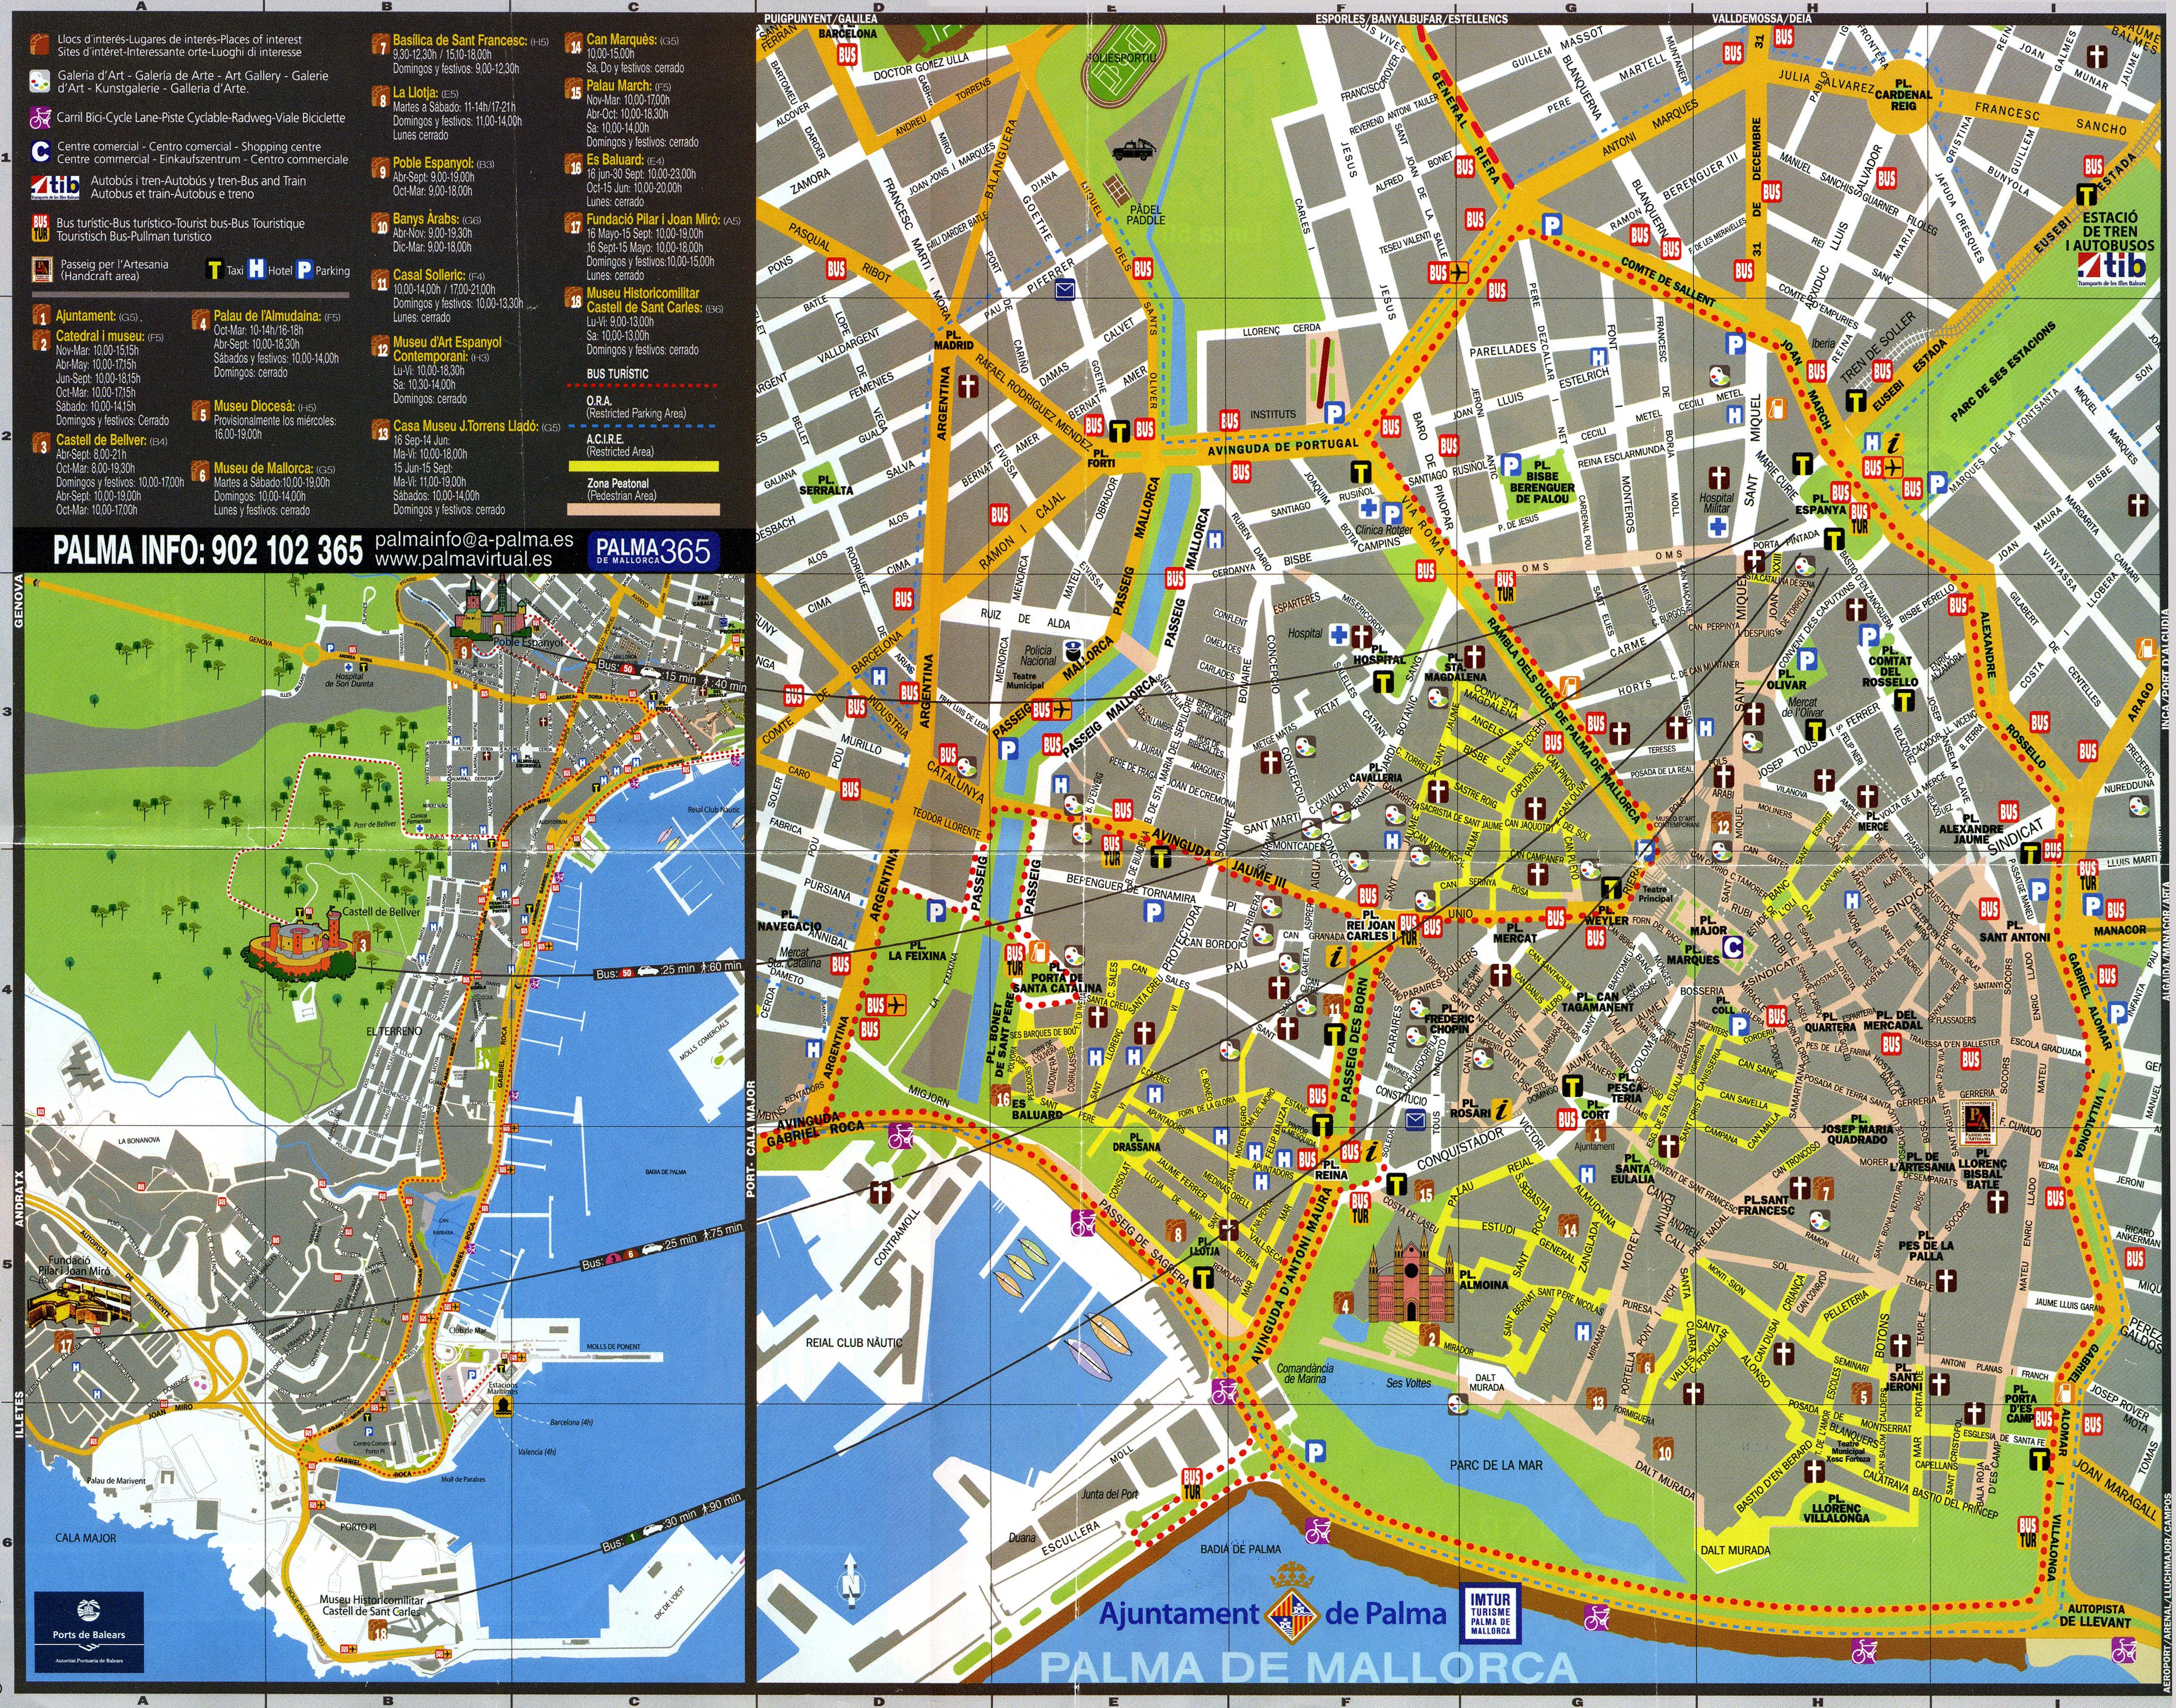 mapa turistico de palma de maiorca El barrio antiguo de Palma de Mallorca y patios mapa turistico de palma de maiorca